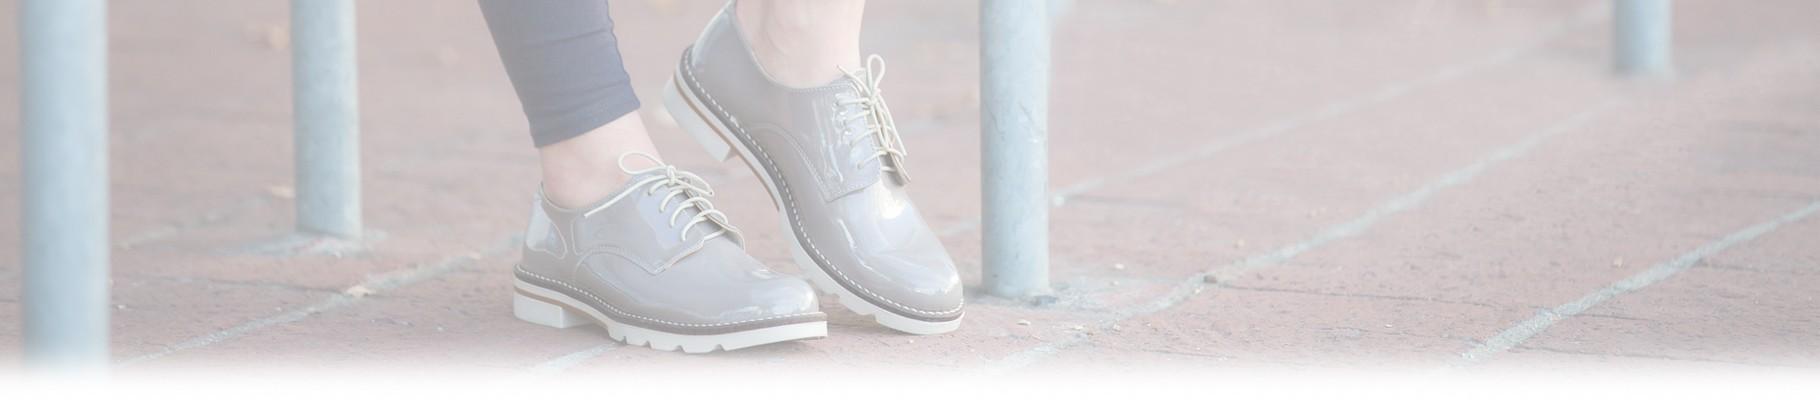 Le scarpe stringate da donna sono l'accessorio moda per eccellenza